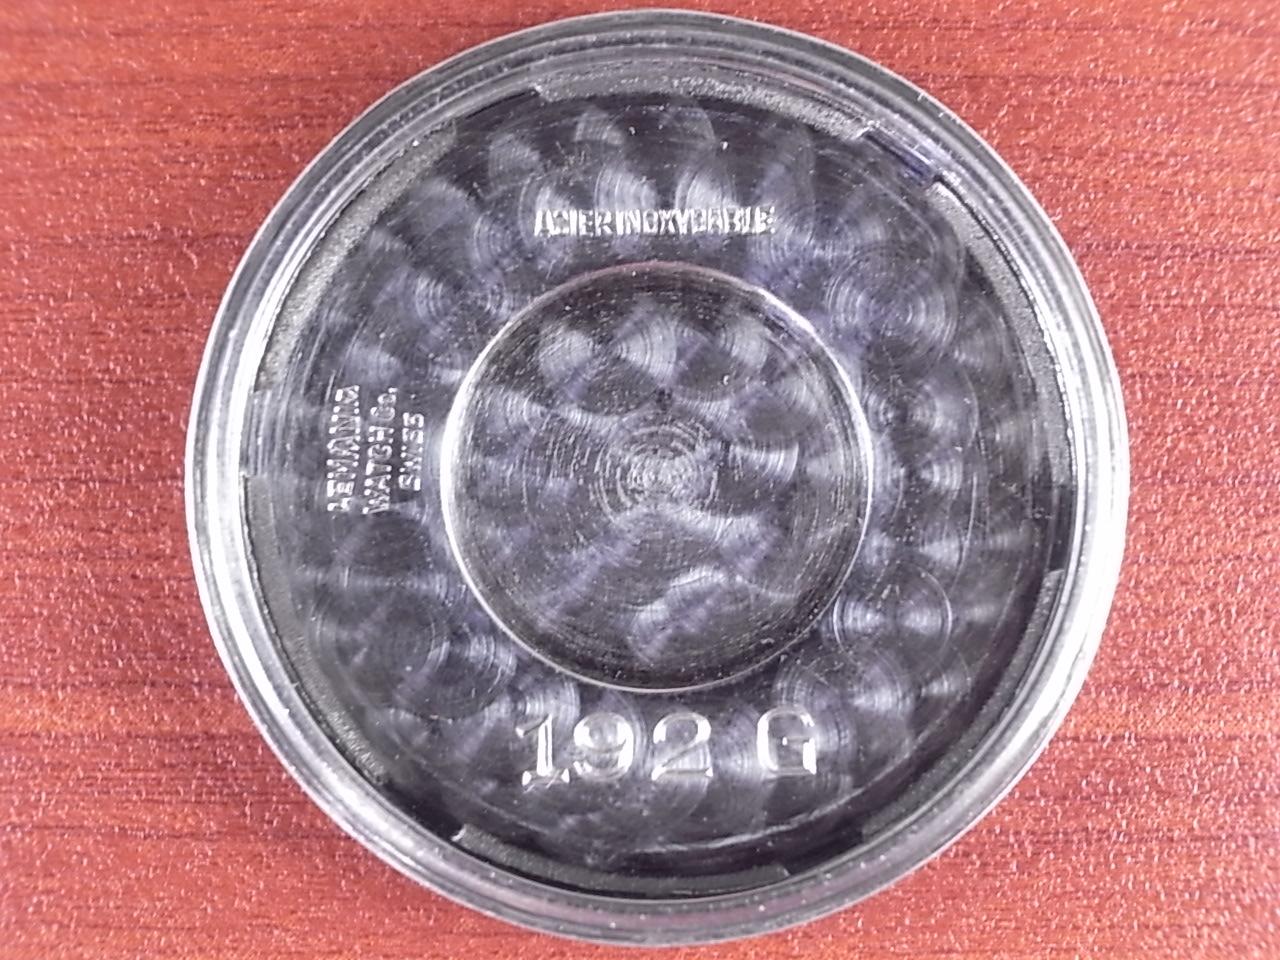 レマニア ブルズアイ ブラック/グレー 2トーンダイアル 1940年代の写真6枚目